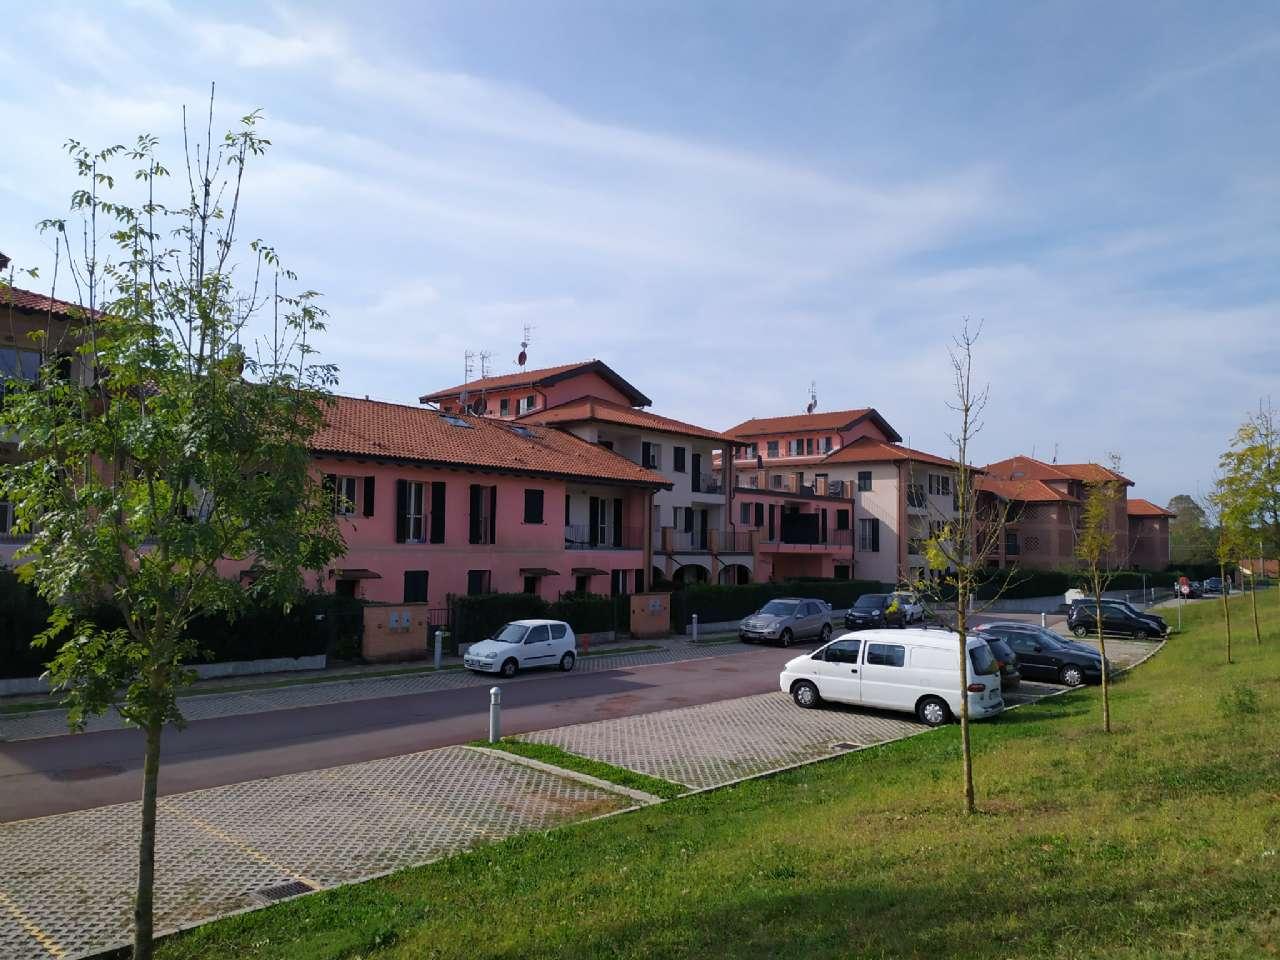 Lissago-Calcinate - Monolocale con terrazzino e posto auto scoperto, foto 1